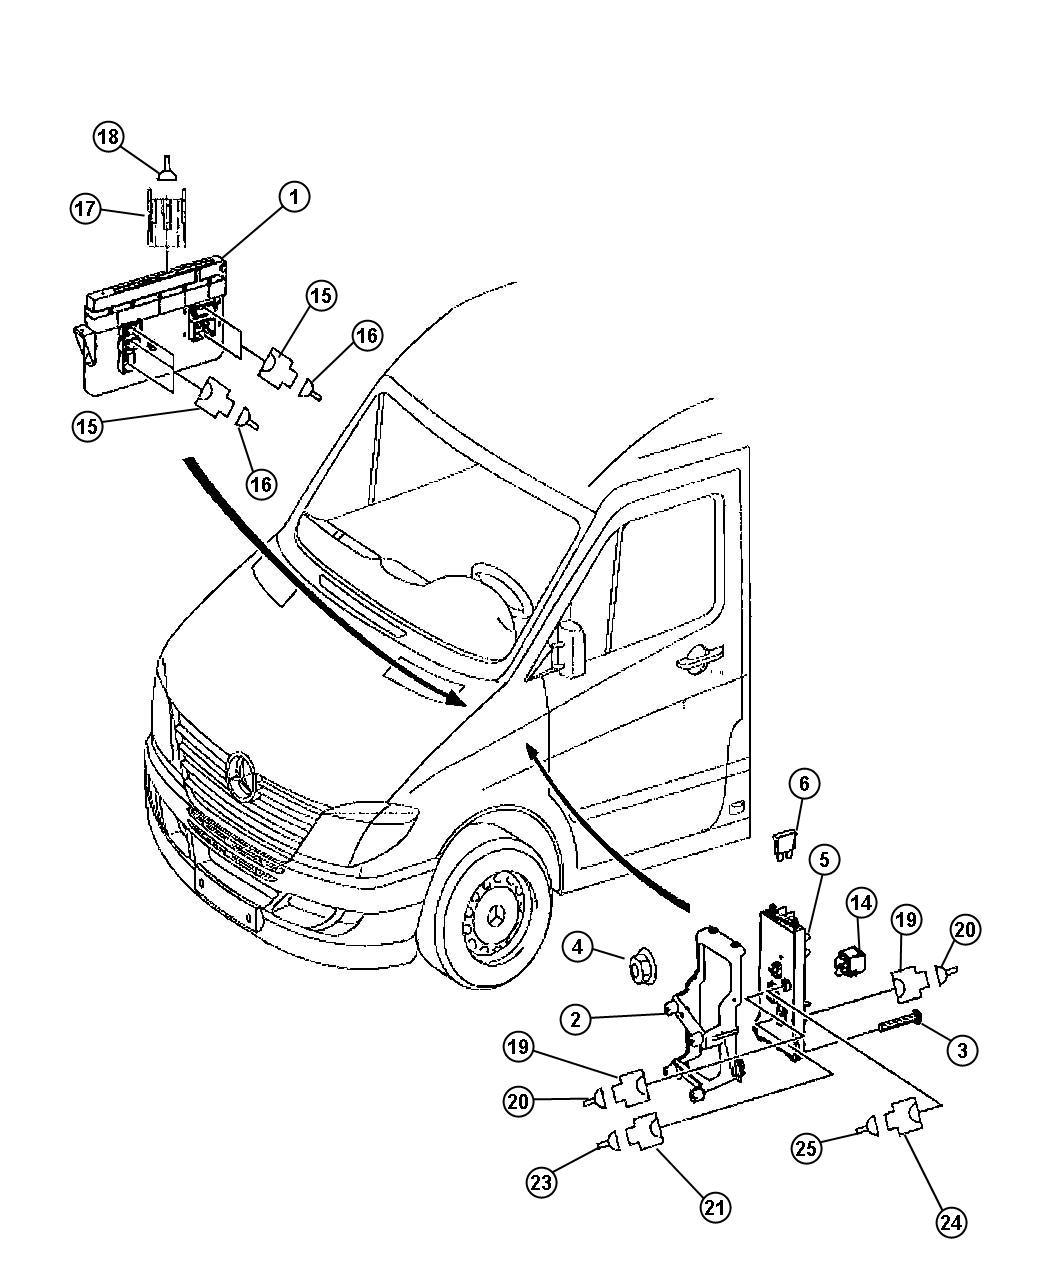 2013 Dodge Journey Block, fuse. Fuse holder / air